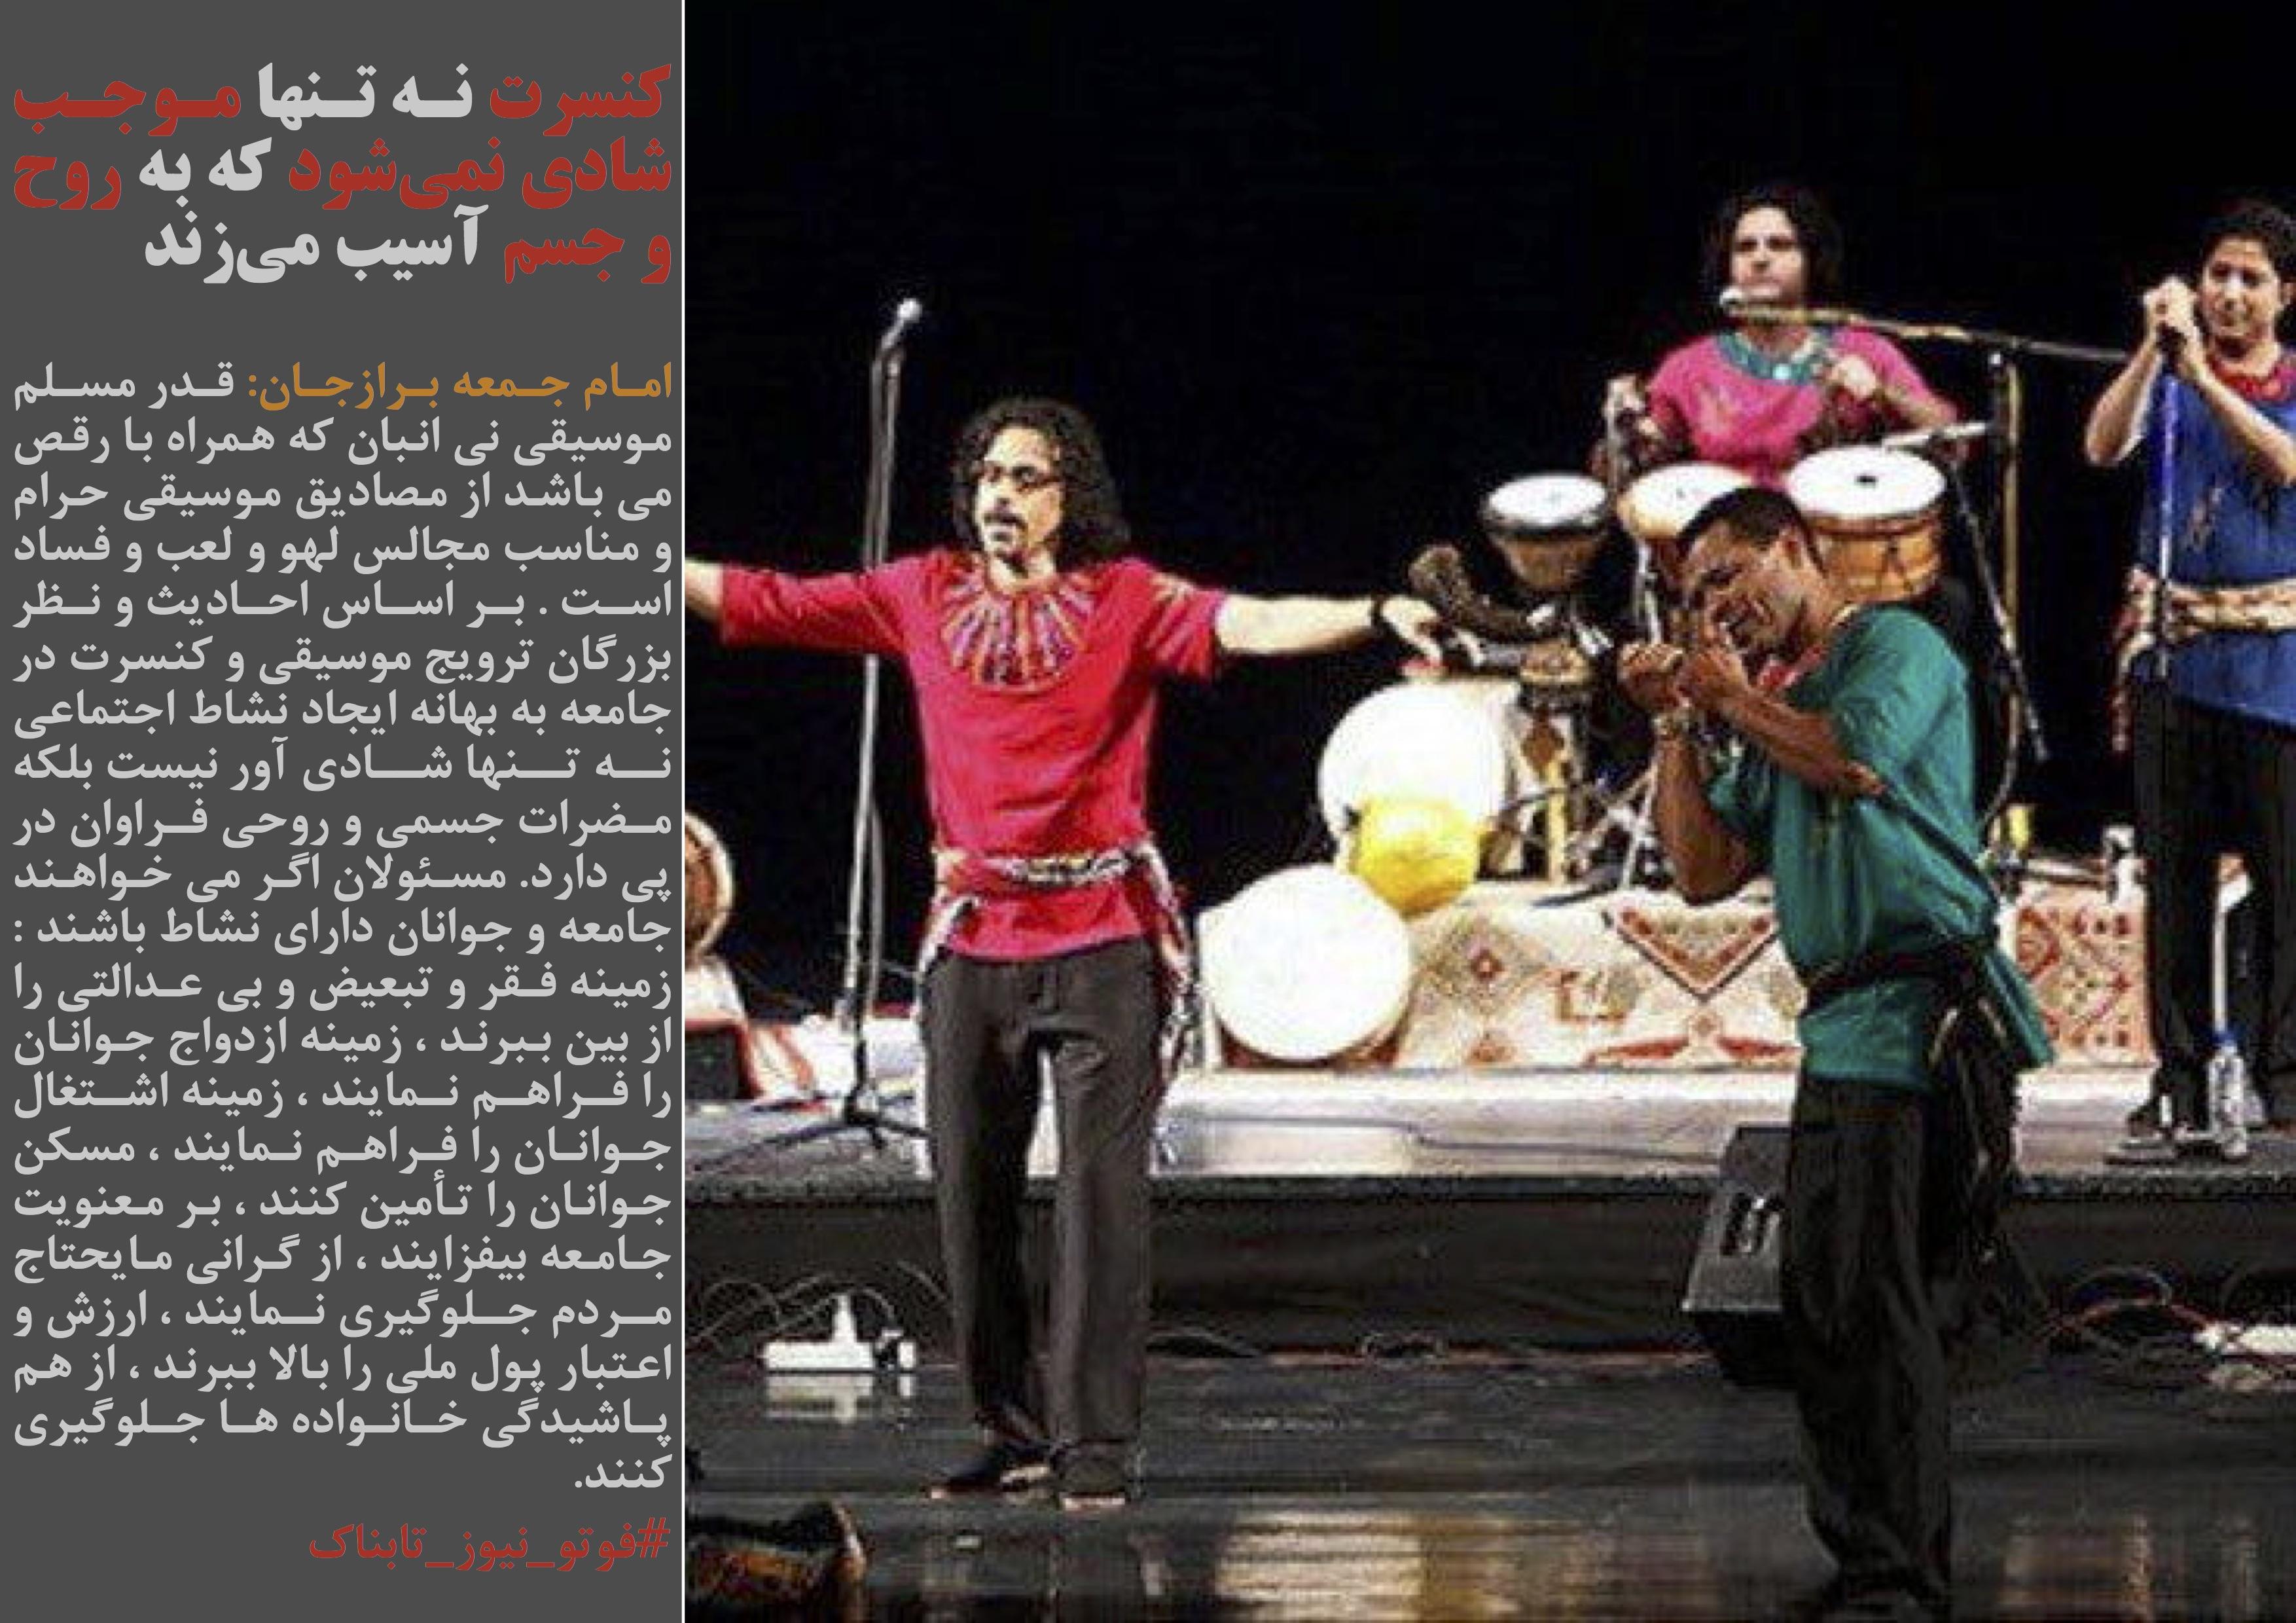 امام جمعه برازجان: کنسرت ضرر جسمی دارد